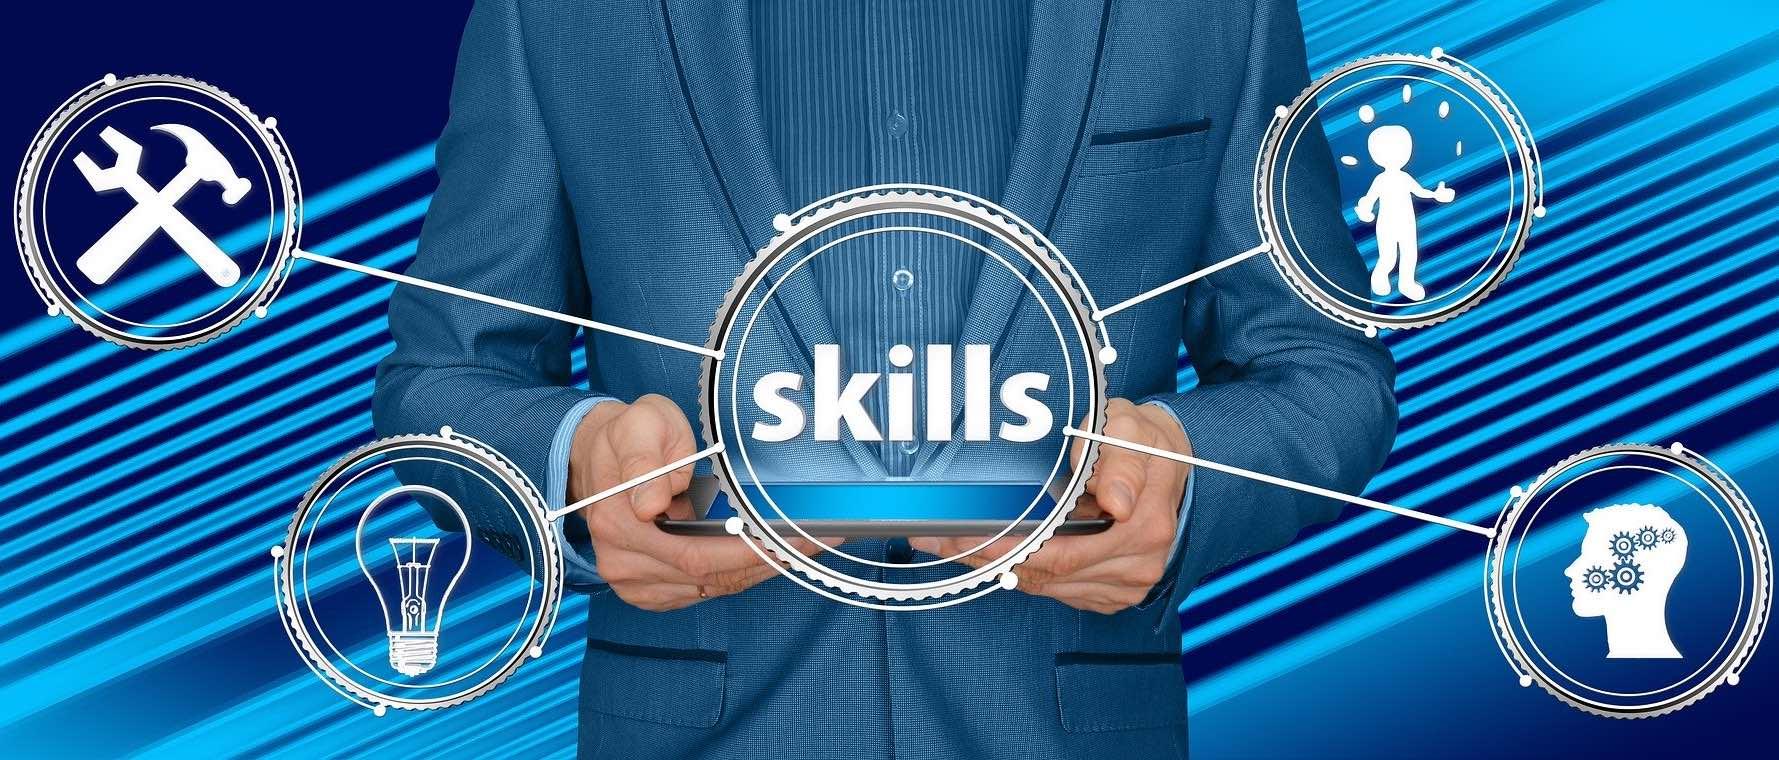 Hard Skills y Soft Skills para salir reforzados de la situación generada por el COVID-19, según The Valley